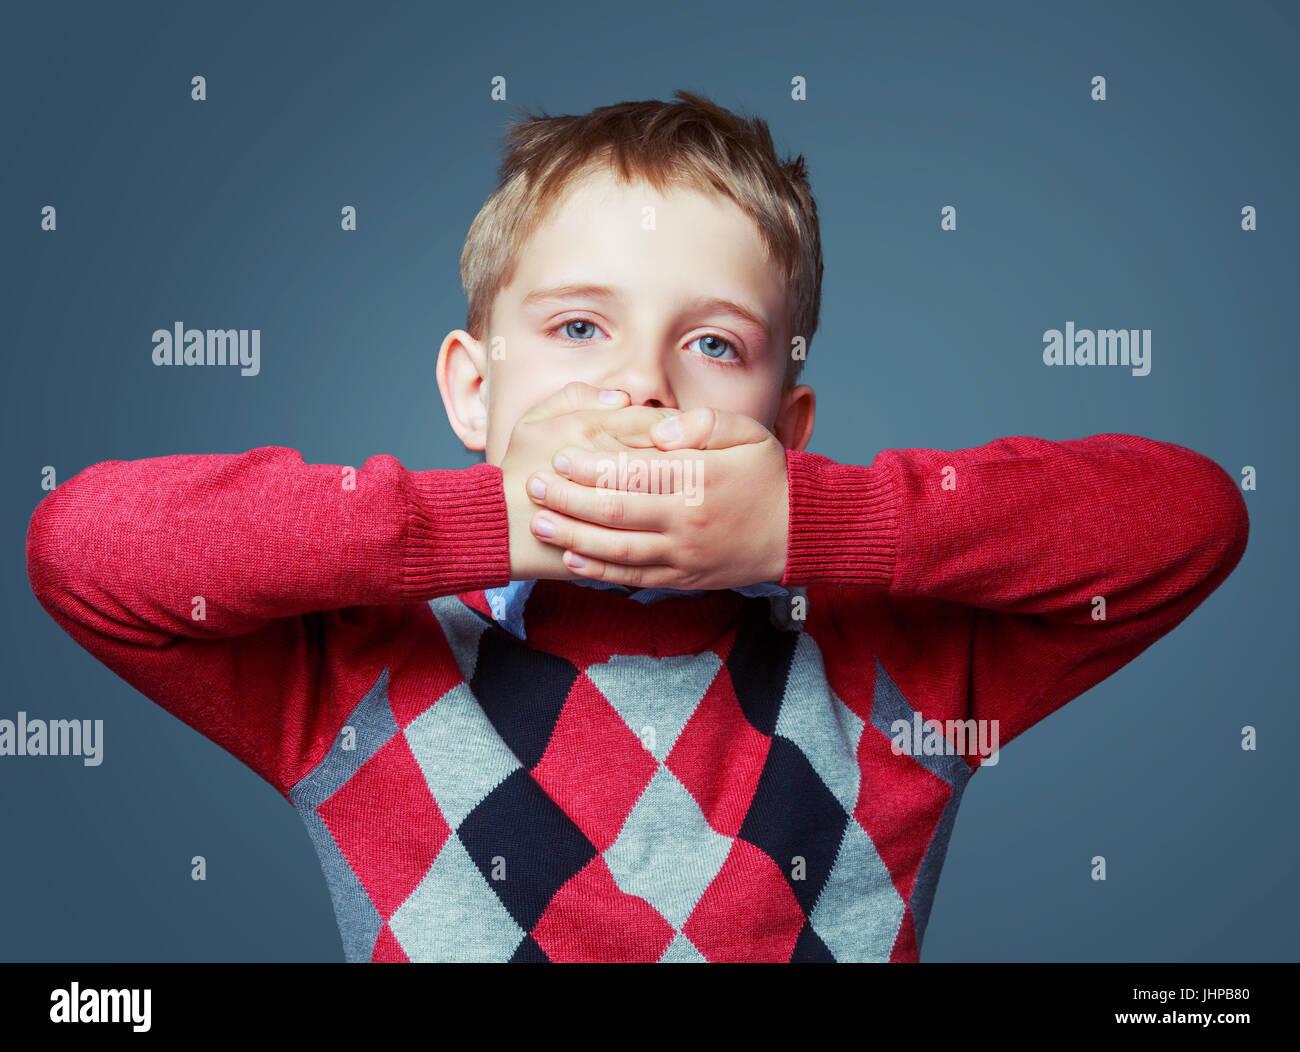 Atemberaubend Kleine Jungen Mit Verschlossenem Mund Bilder - Die ...